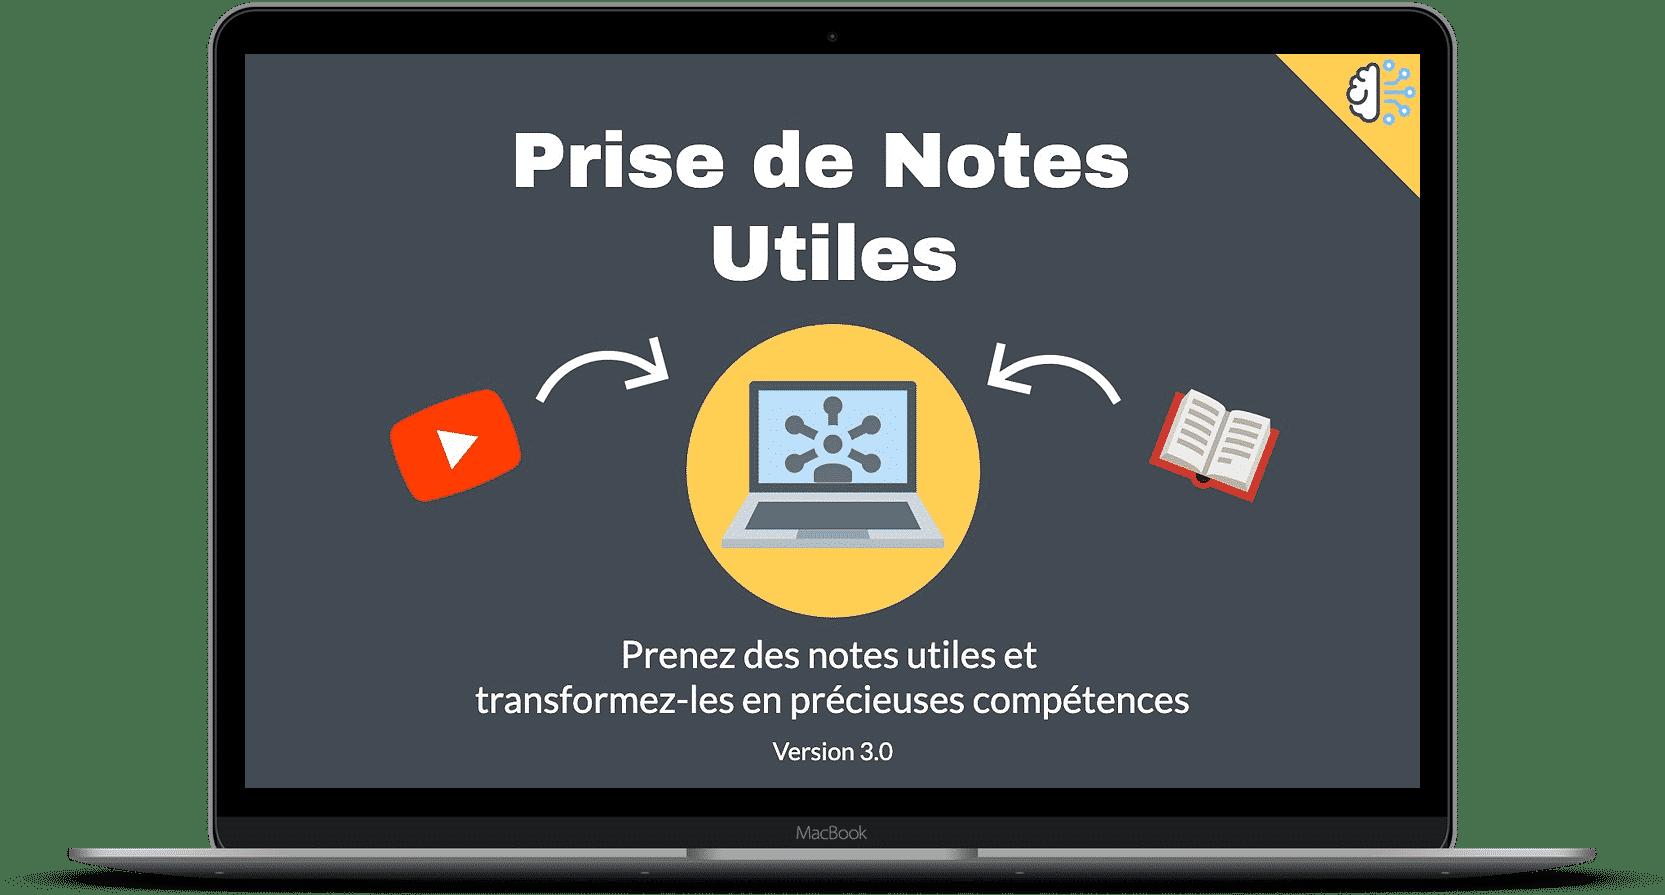 Prise de notes utiles 3.0